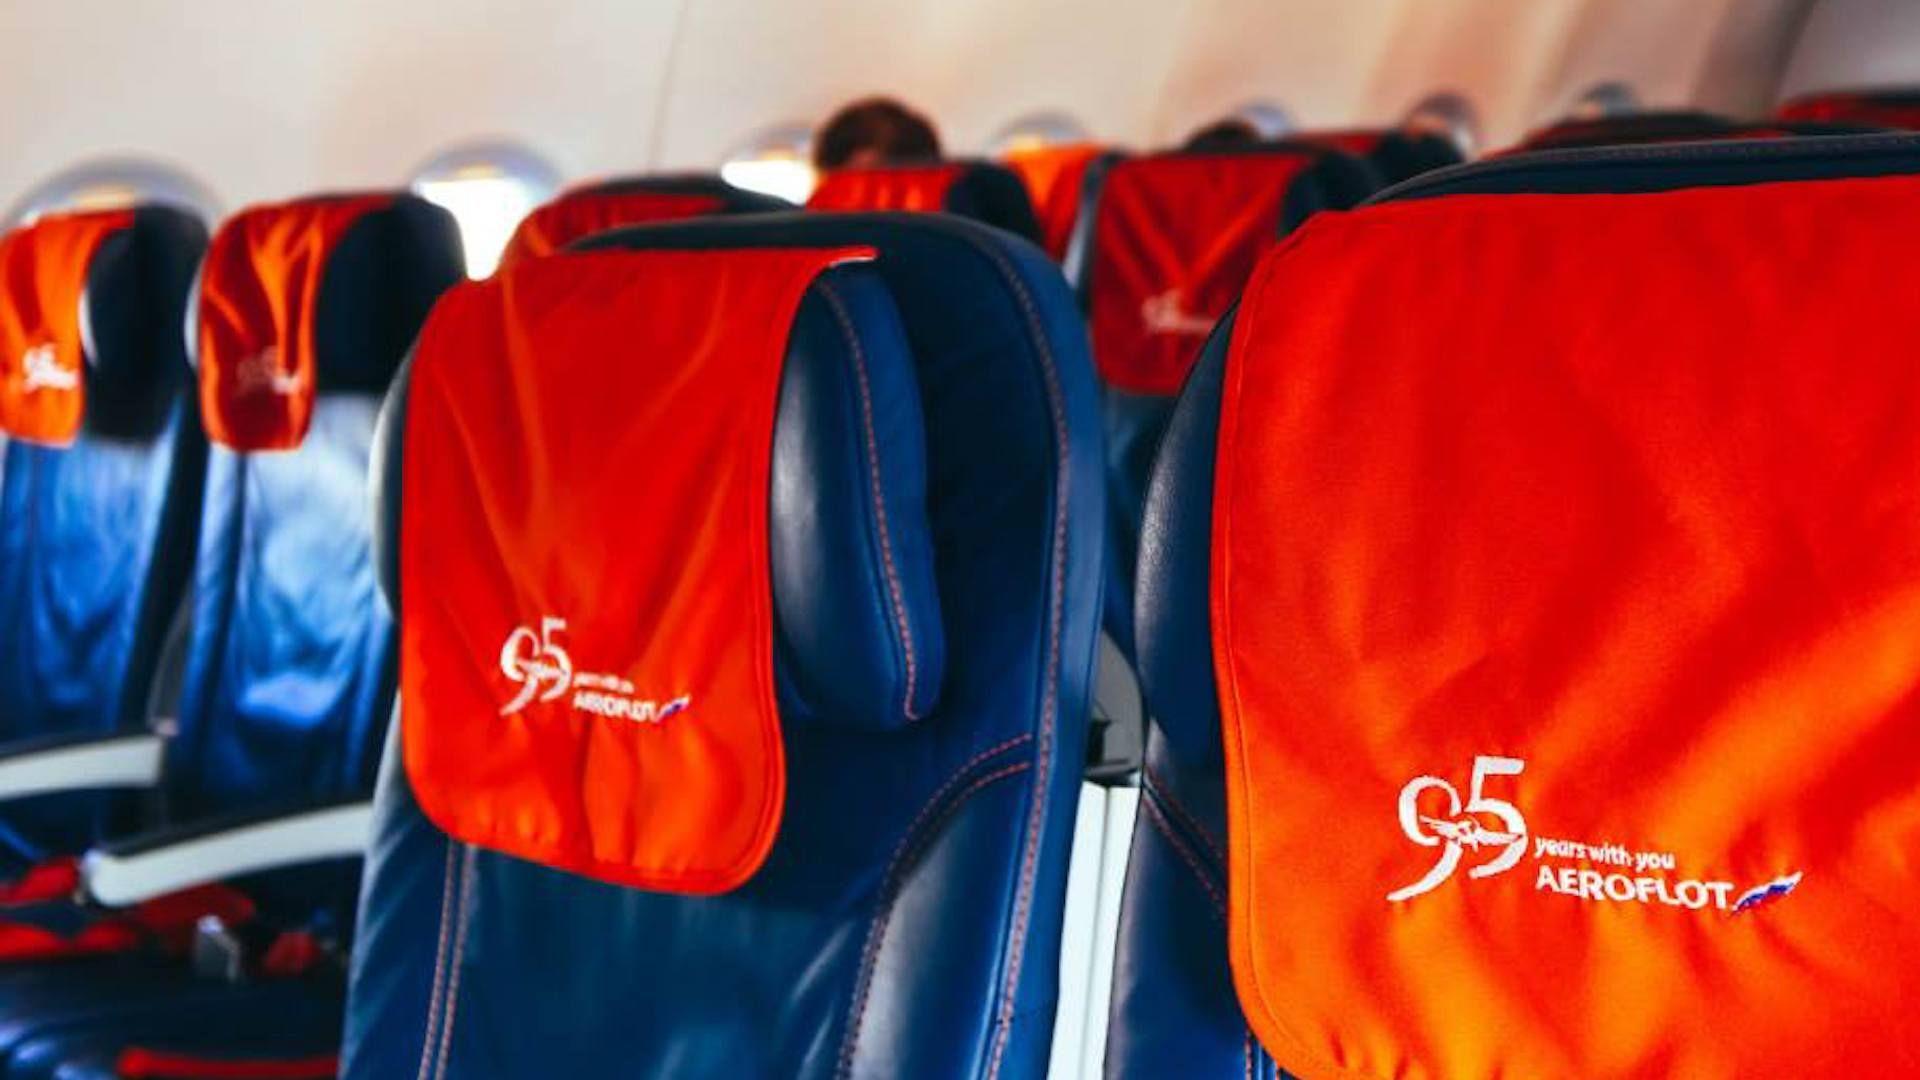 Esta es la aerolínea más reconocida y la que tiene mejor clase Business